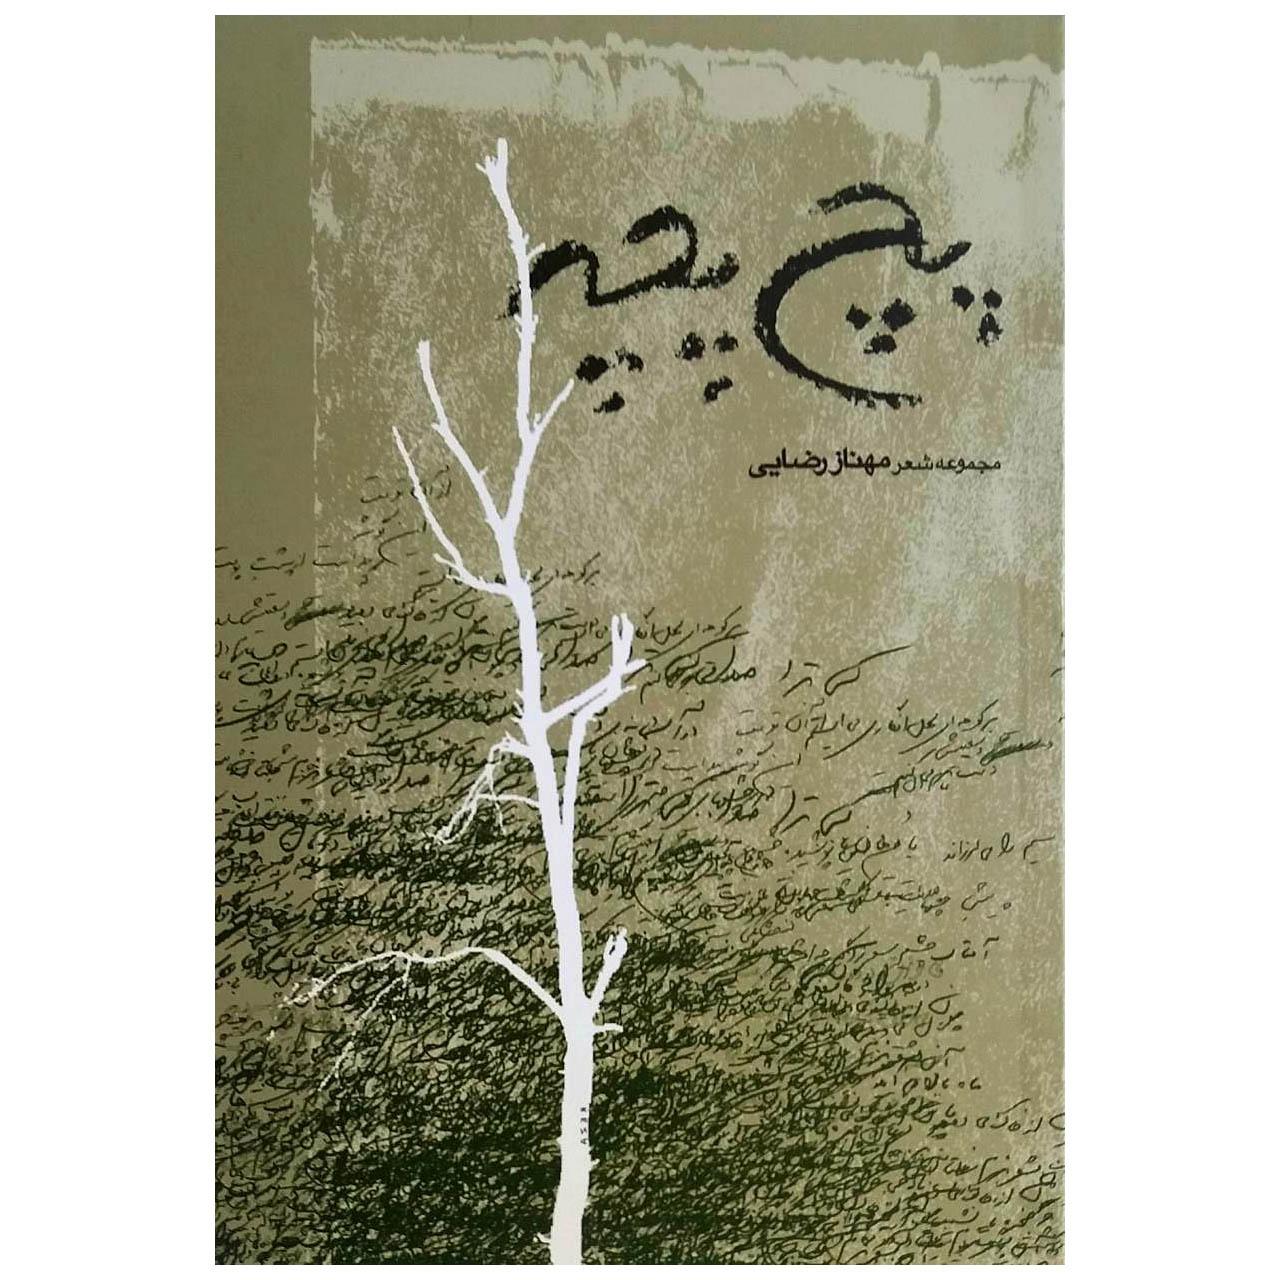 کتاب پچ پچه اثر مهناز رضایی نشر سخن گستر